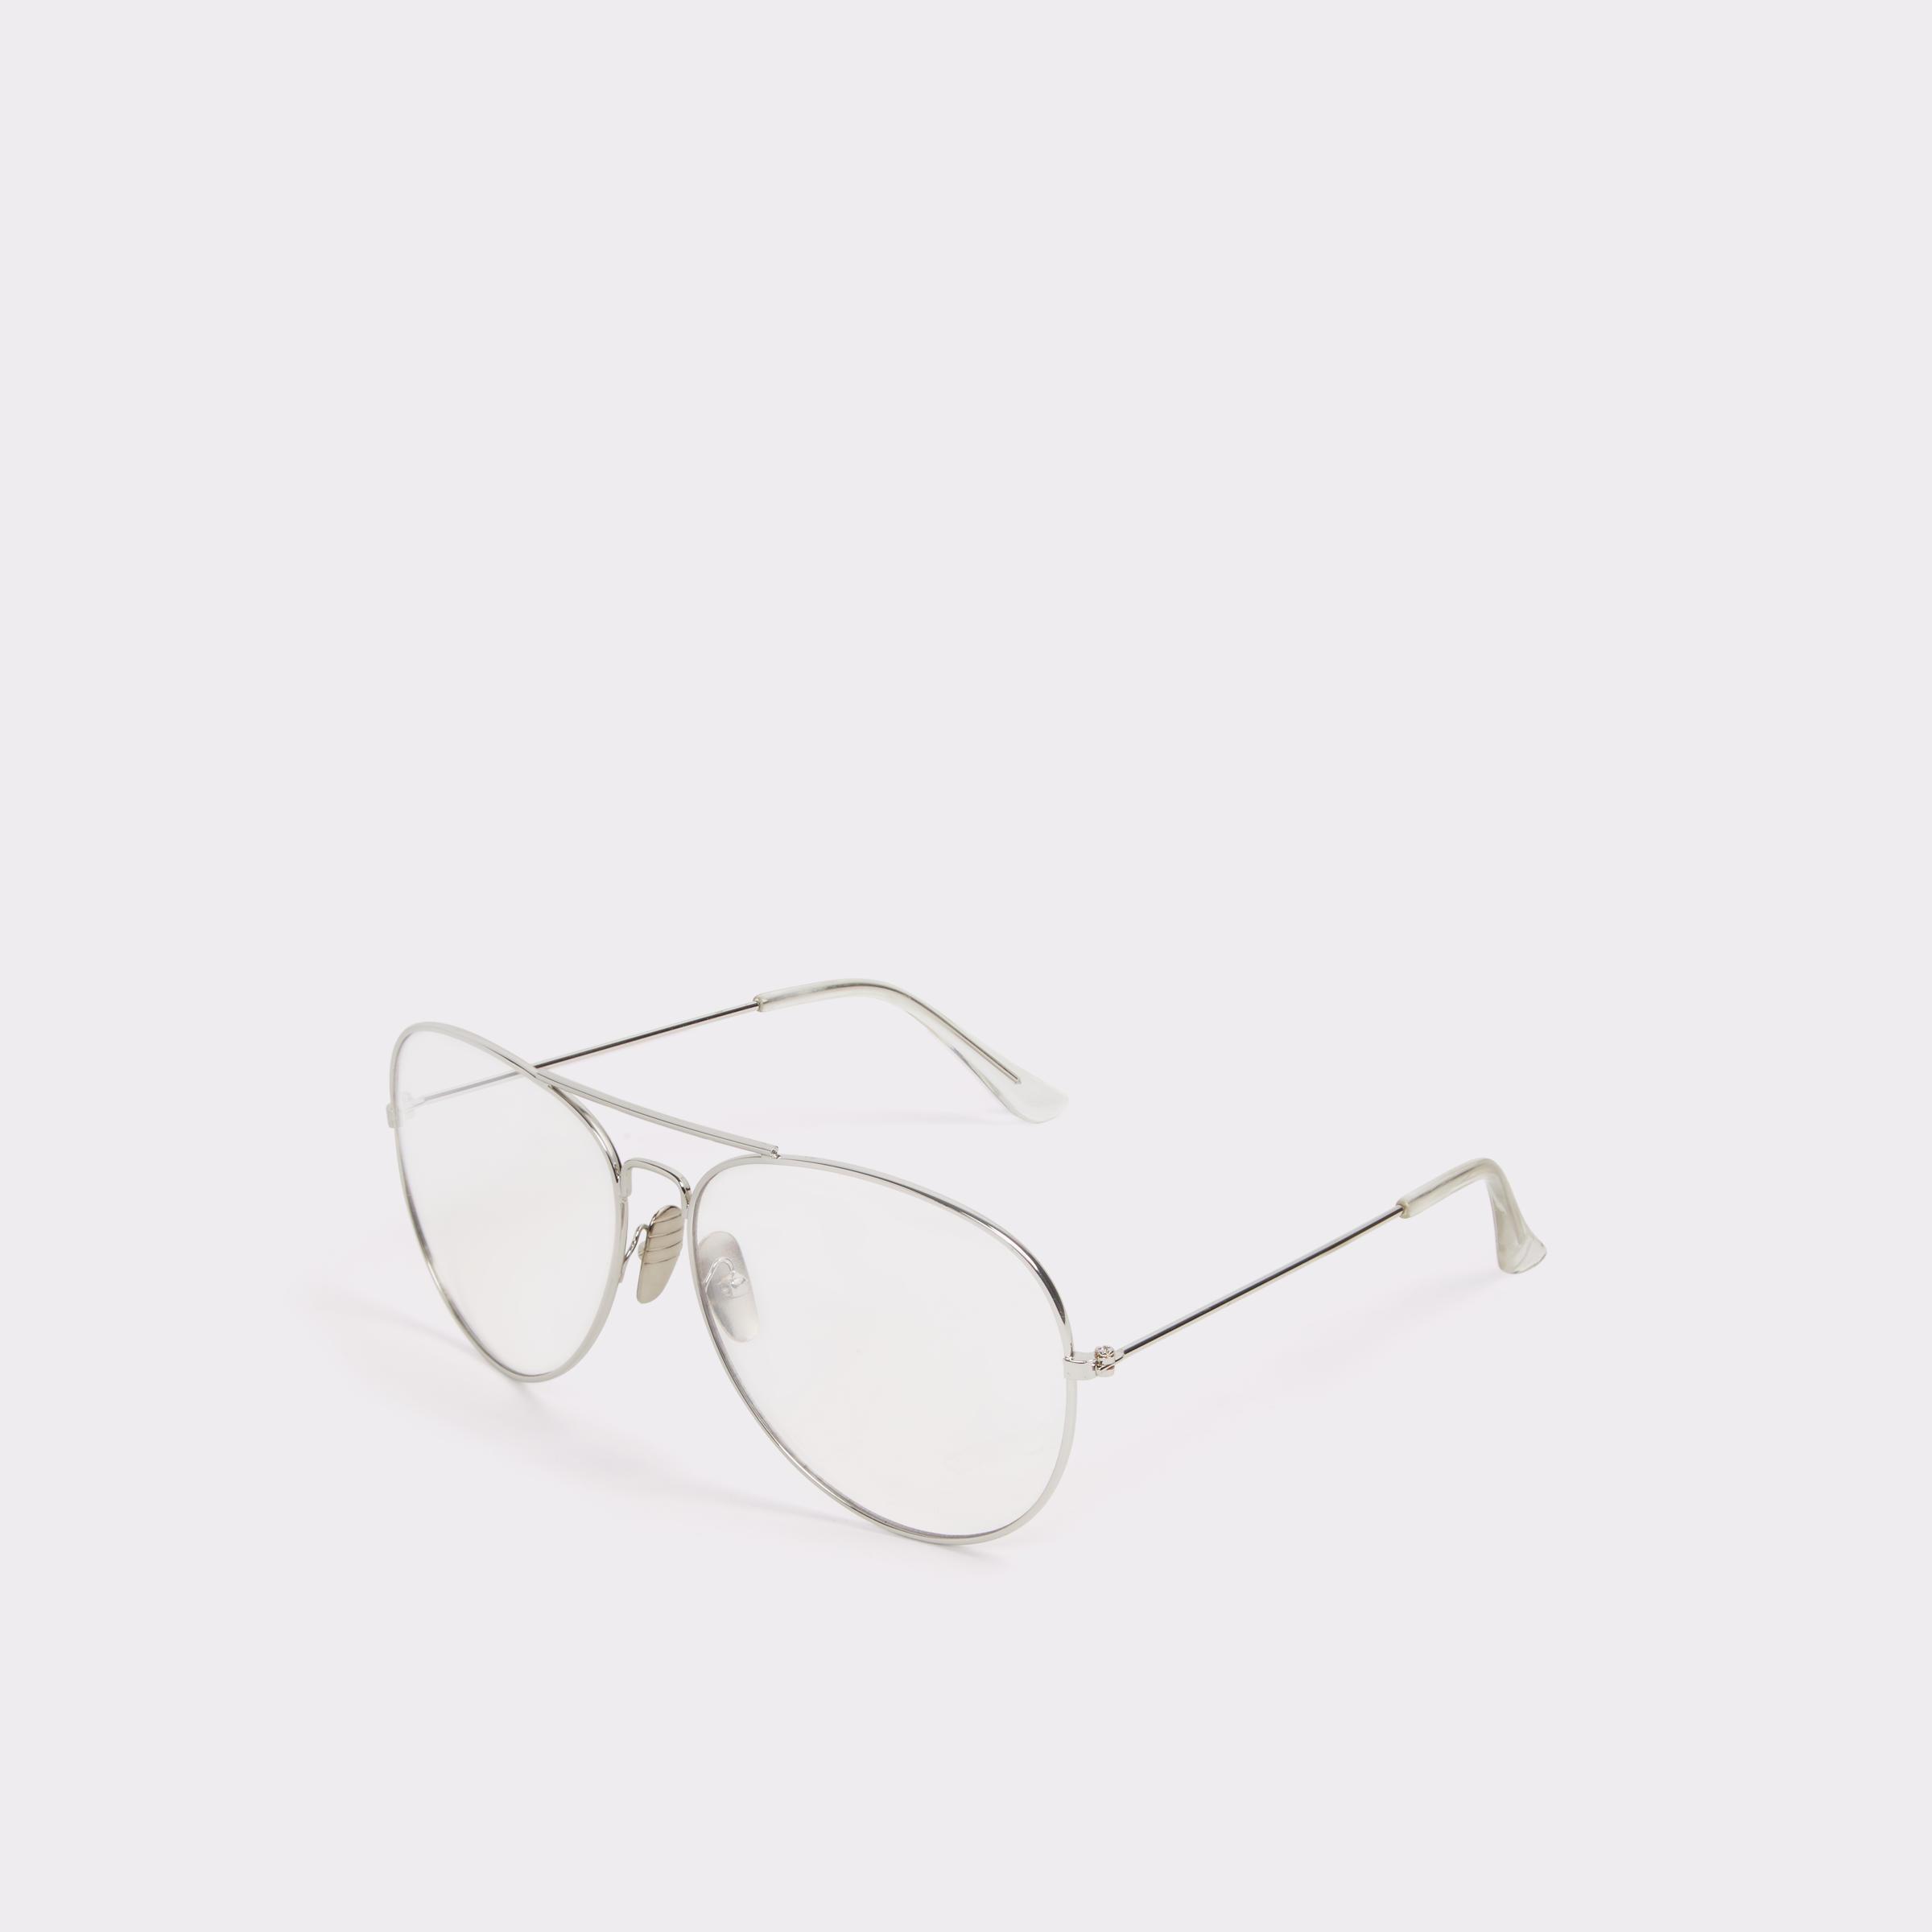 Ochelari soare argintii, pentru barbati, ALDO - Waoci81, din PVC